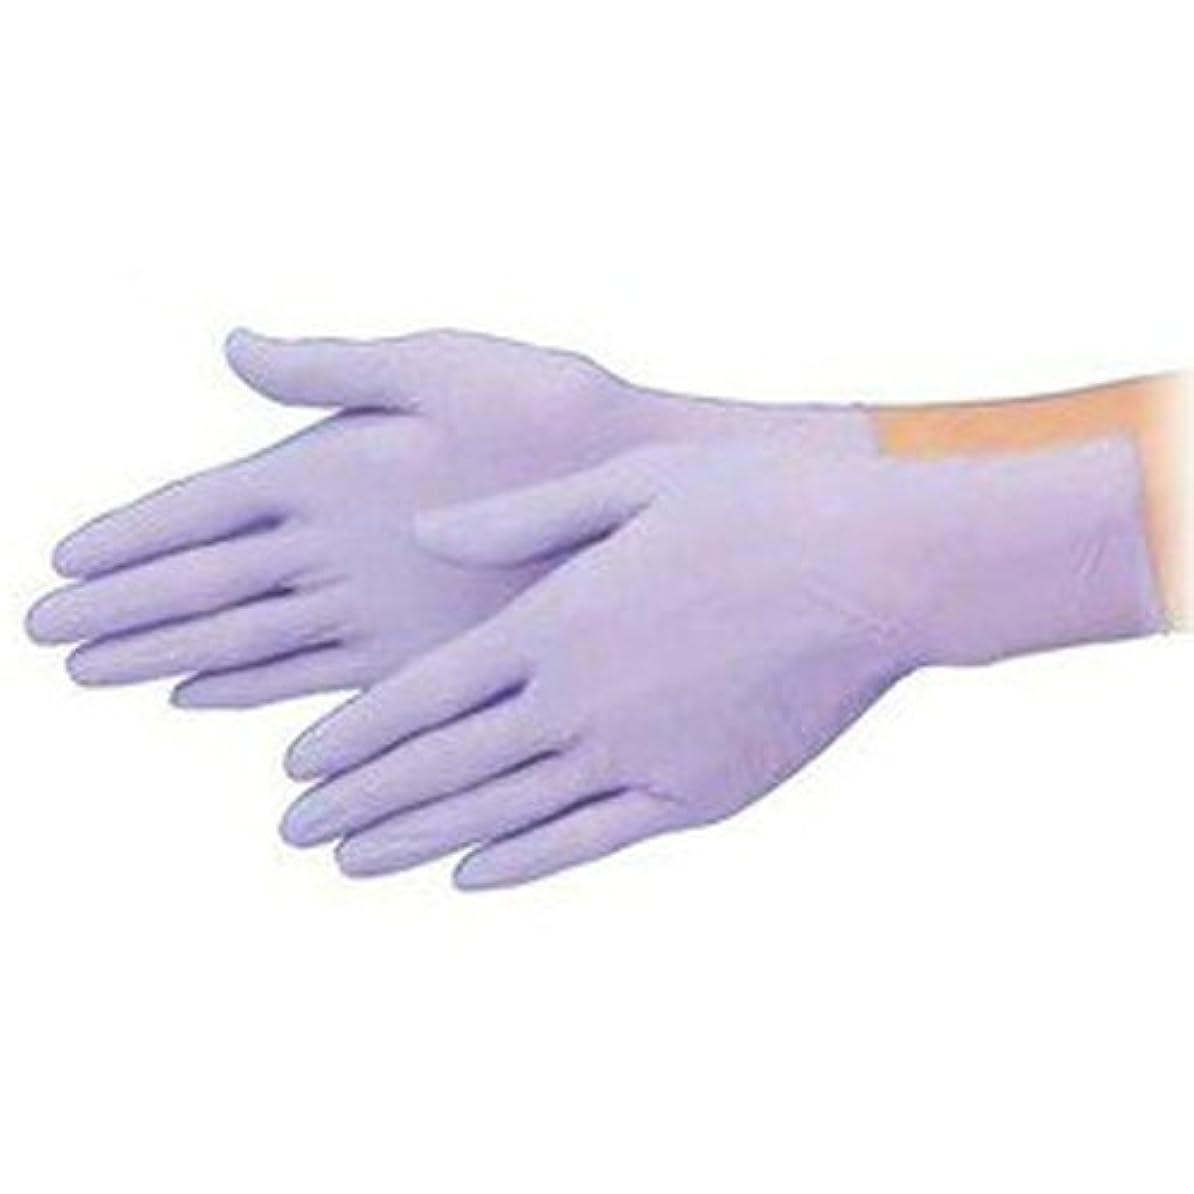 やめるショートカットダッシュ使い捨て 手袋 エブノ 522 スタンダードニトリルライト パープル Sサイズ パウダーフリー 2ケース(100枚×60箱)